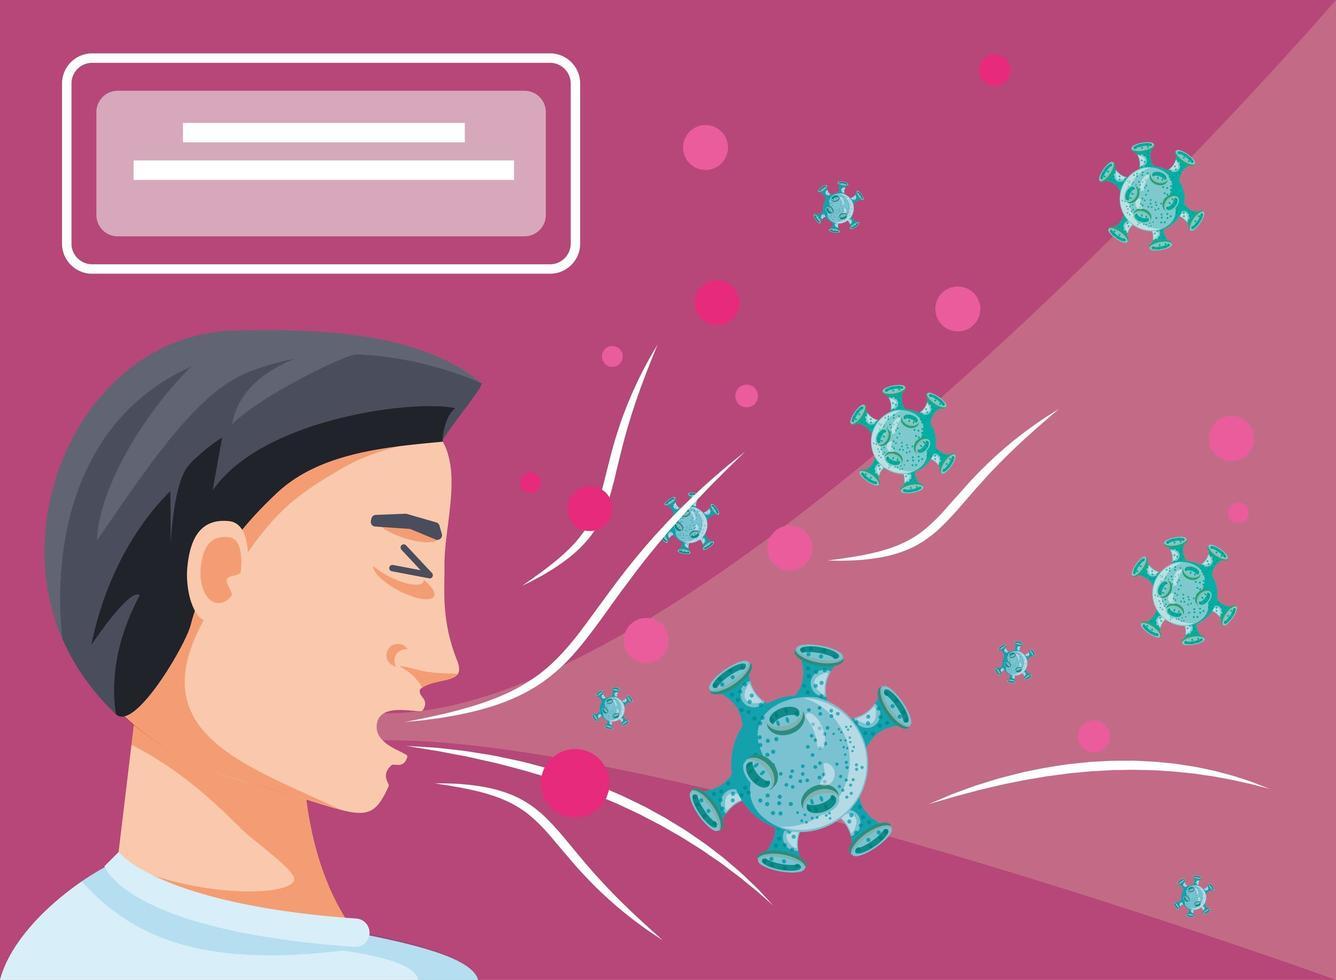 hombre infectado por coronavirus sufre síntomas vector